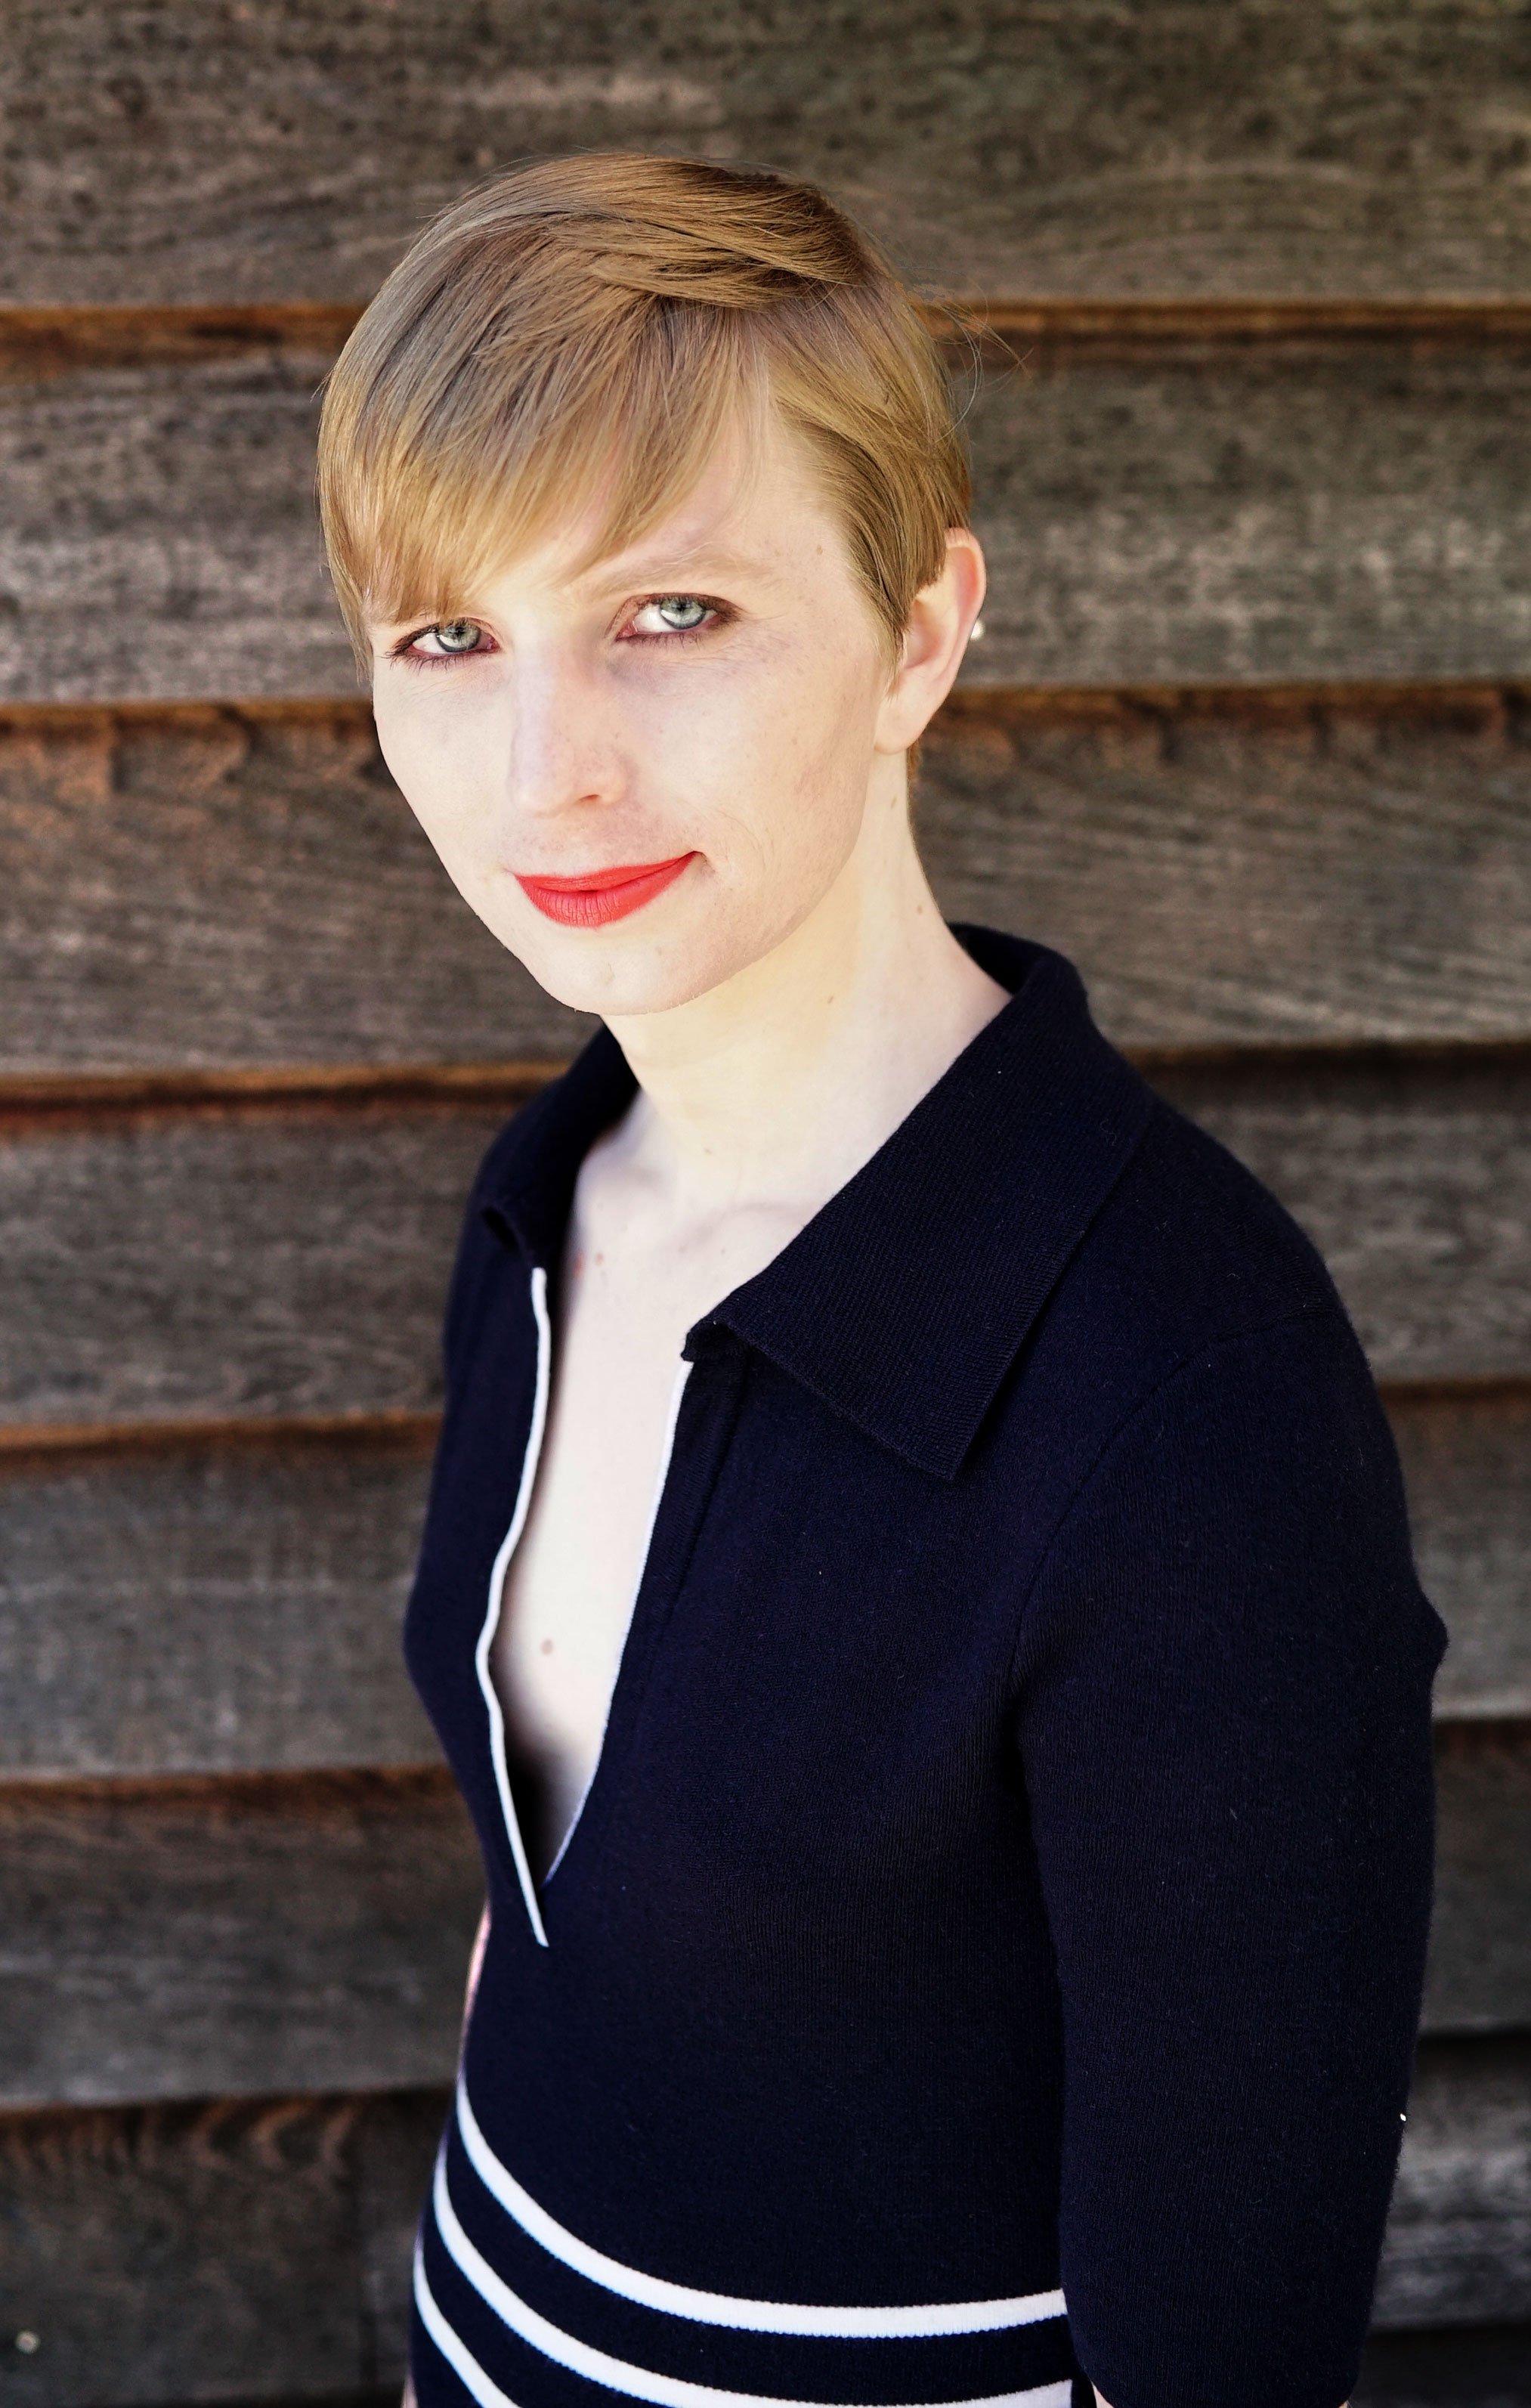 Veja o que saiu no Migalhas sobre Chelsea Manning